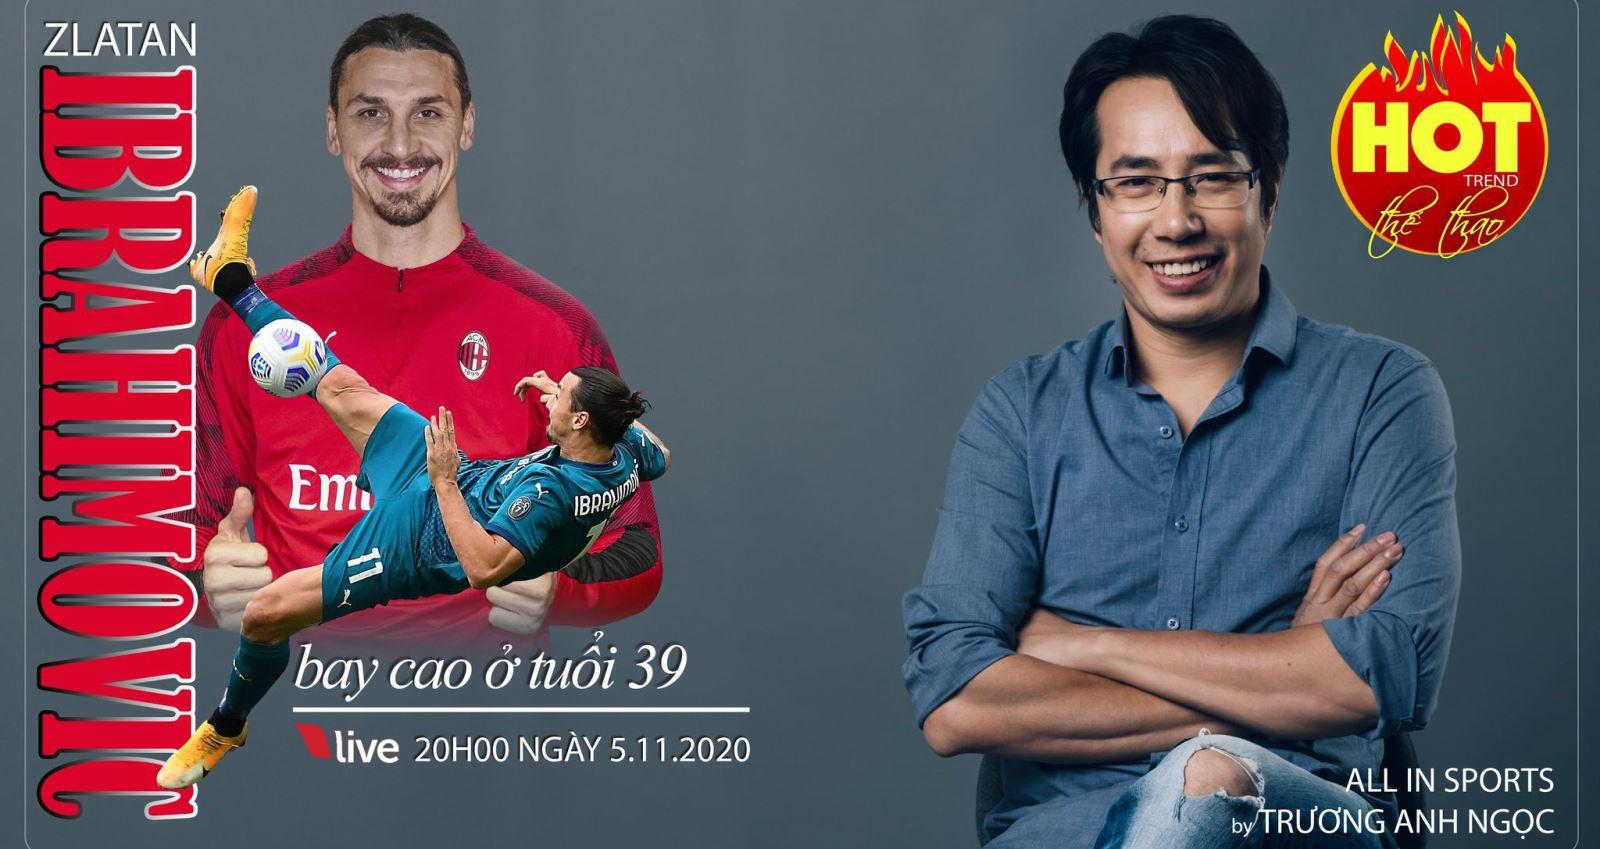 BLV Anh Ngọc, Zlatan Ibrahimovic, Ibrahimovic, Trương Anh Ngọc, Anh Ngọc, AC Milan